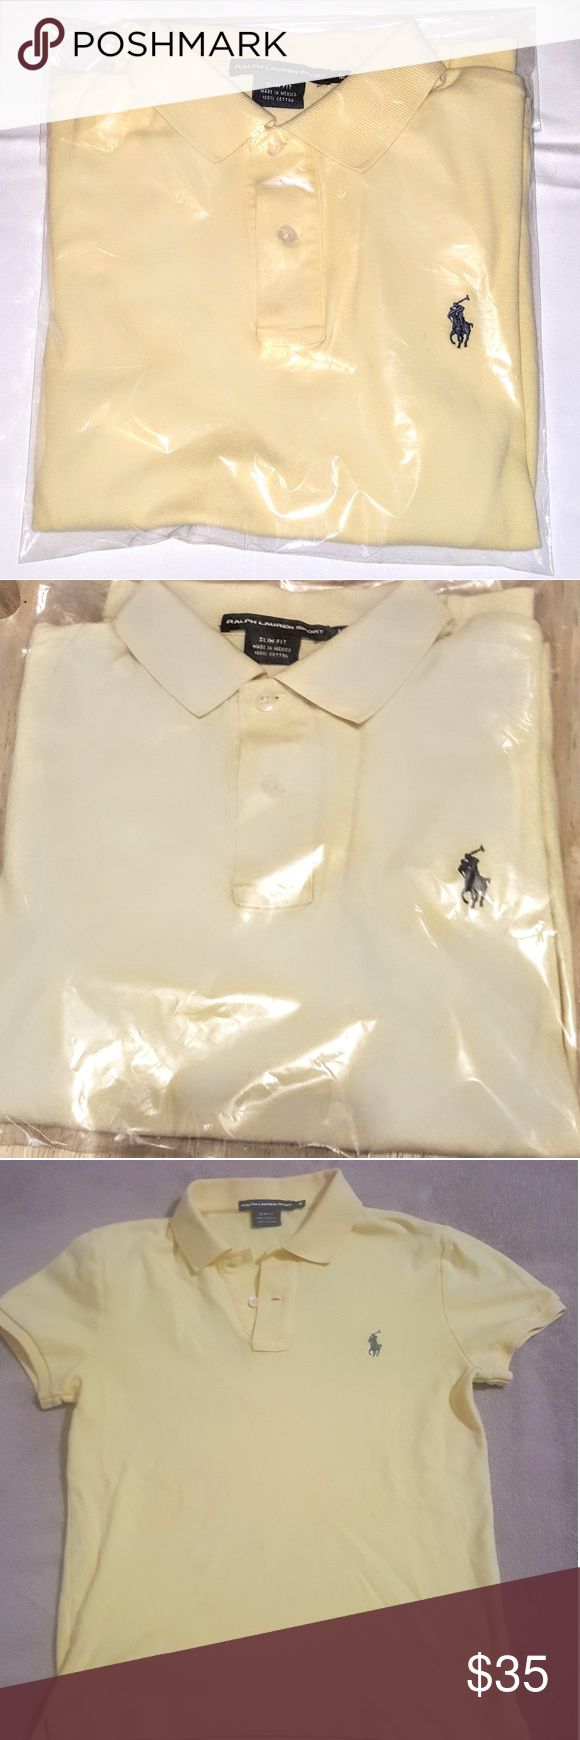 Polo Ralph Lauren - Women's Polo Shirt - M - NEW Brand New / Brand - Polo By Ralph Lauren / Style - Polo / Women's / Color - Yellow Polo by Ralph Lauren Tops